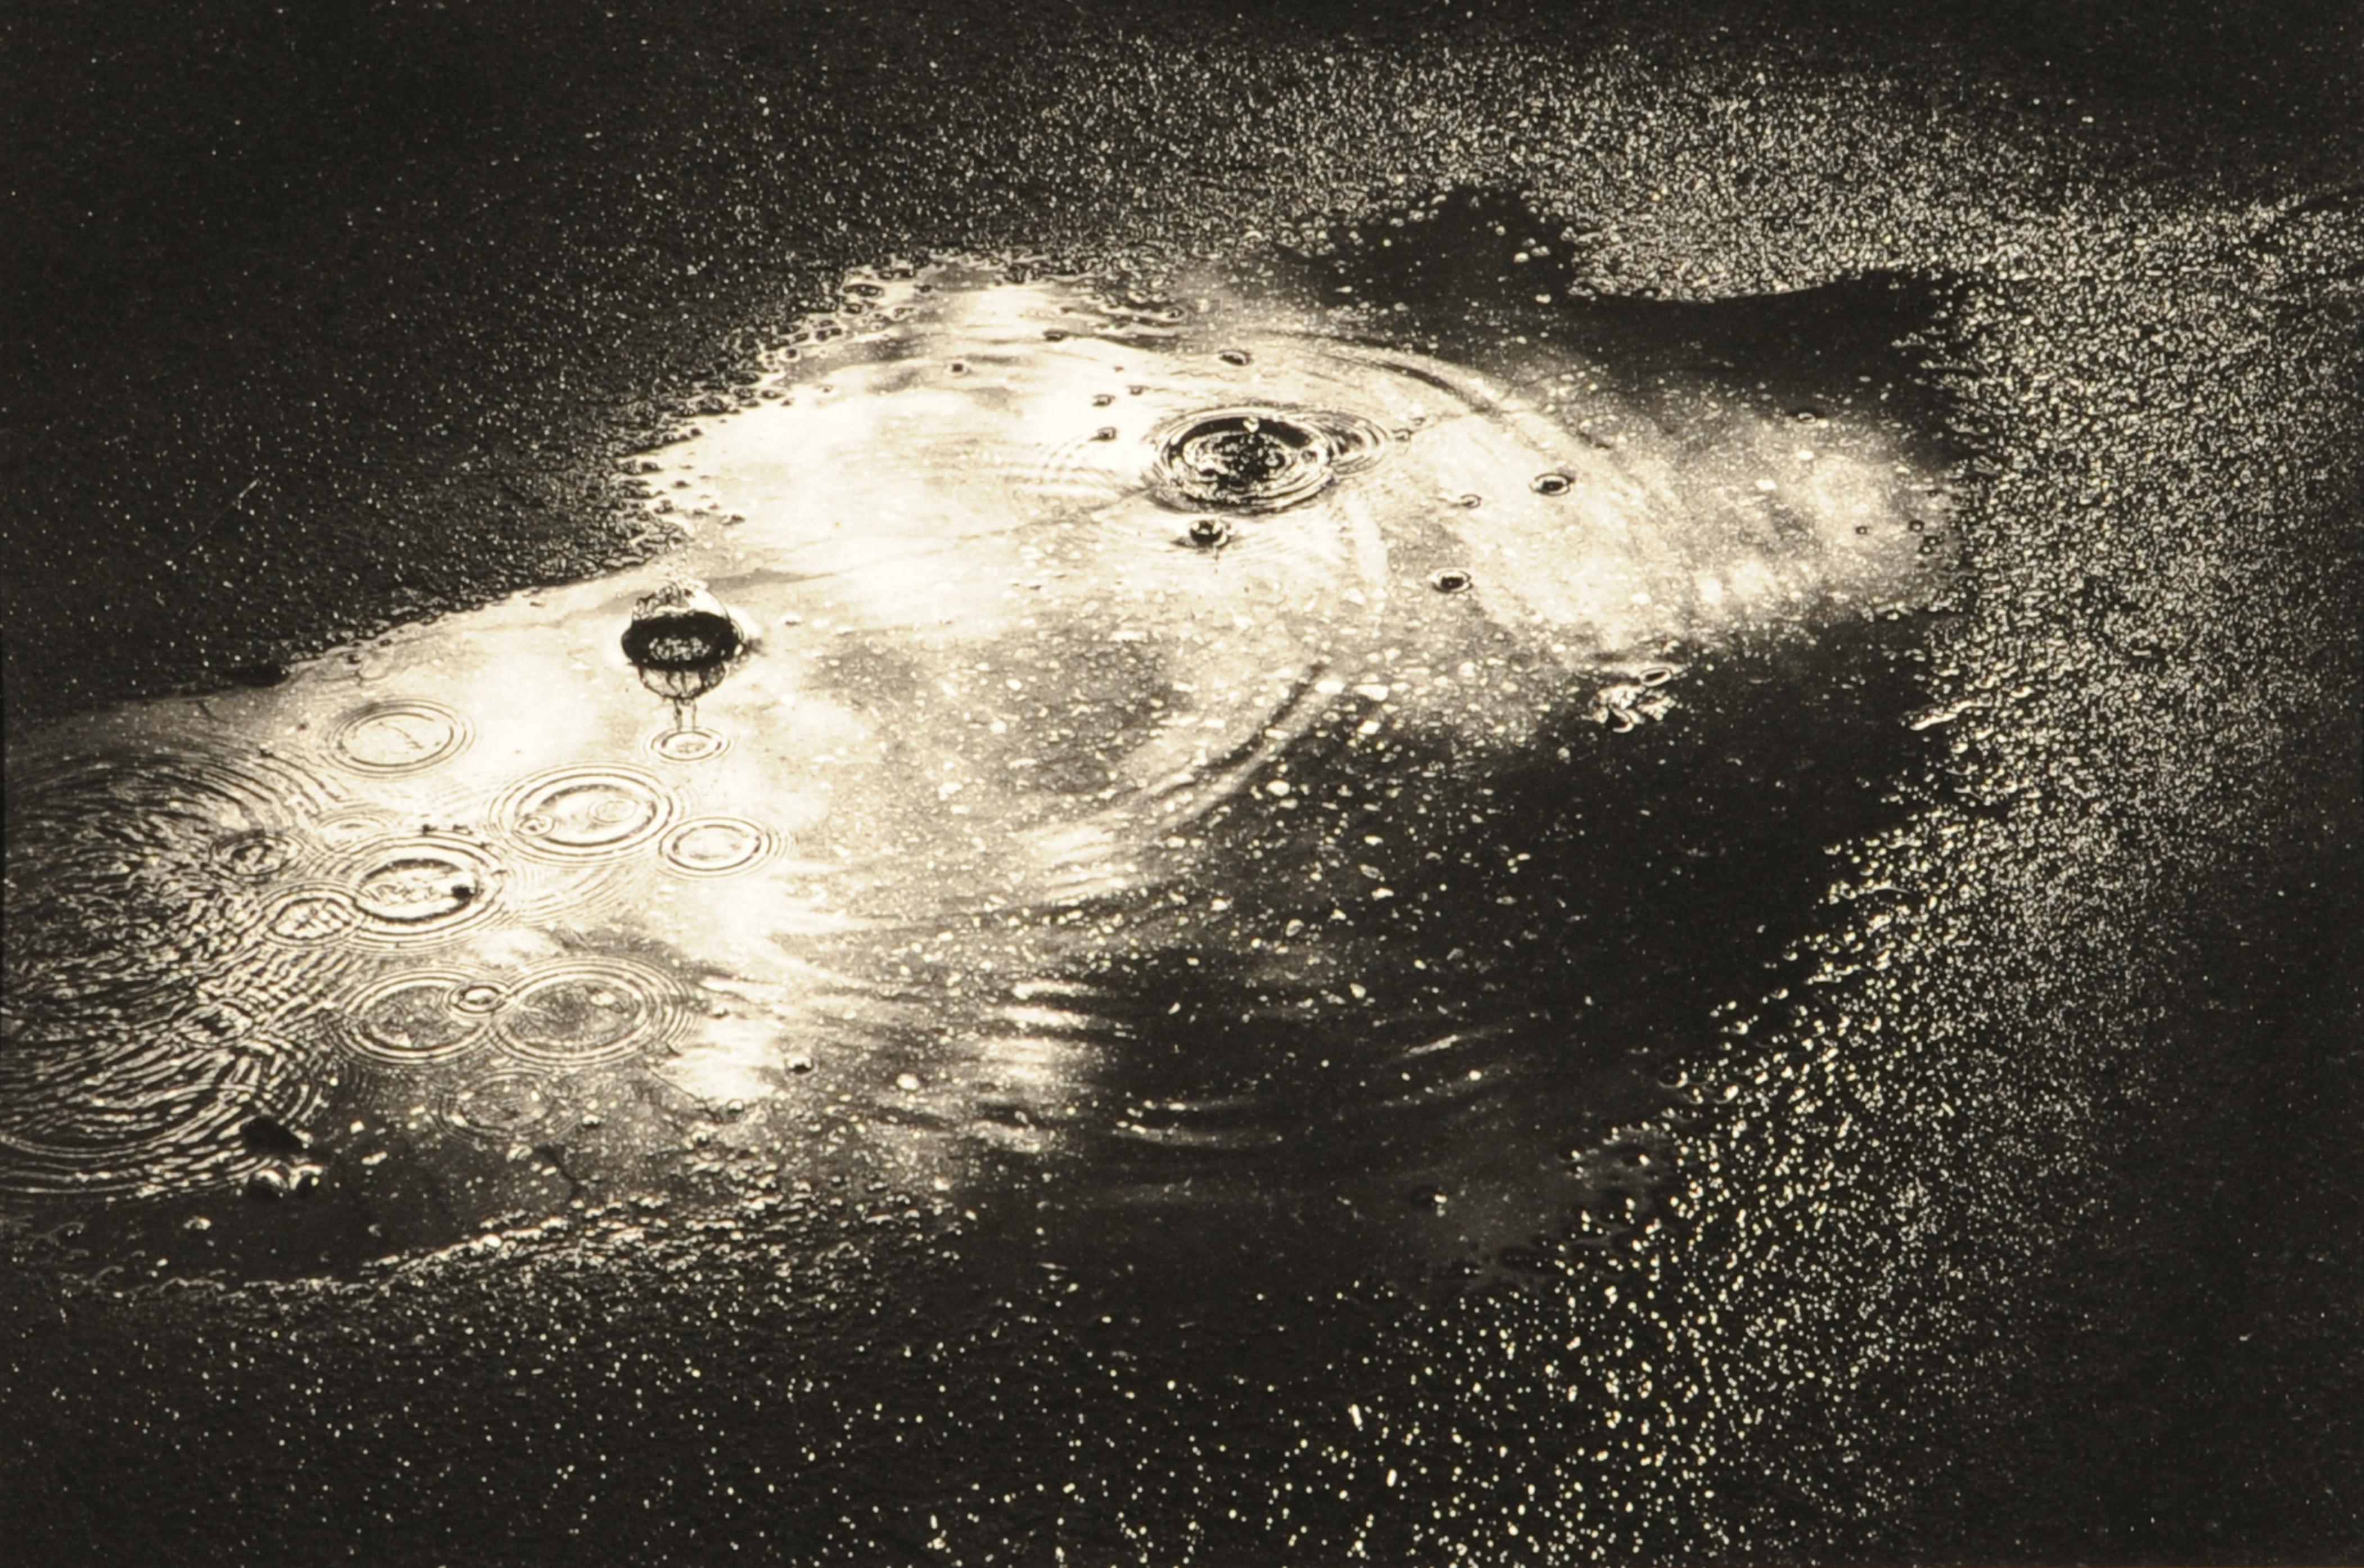 第55回滋賀県写真展覧会特選「雨あがり」 小菅 正一